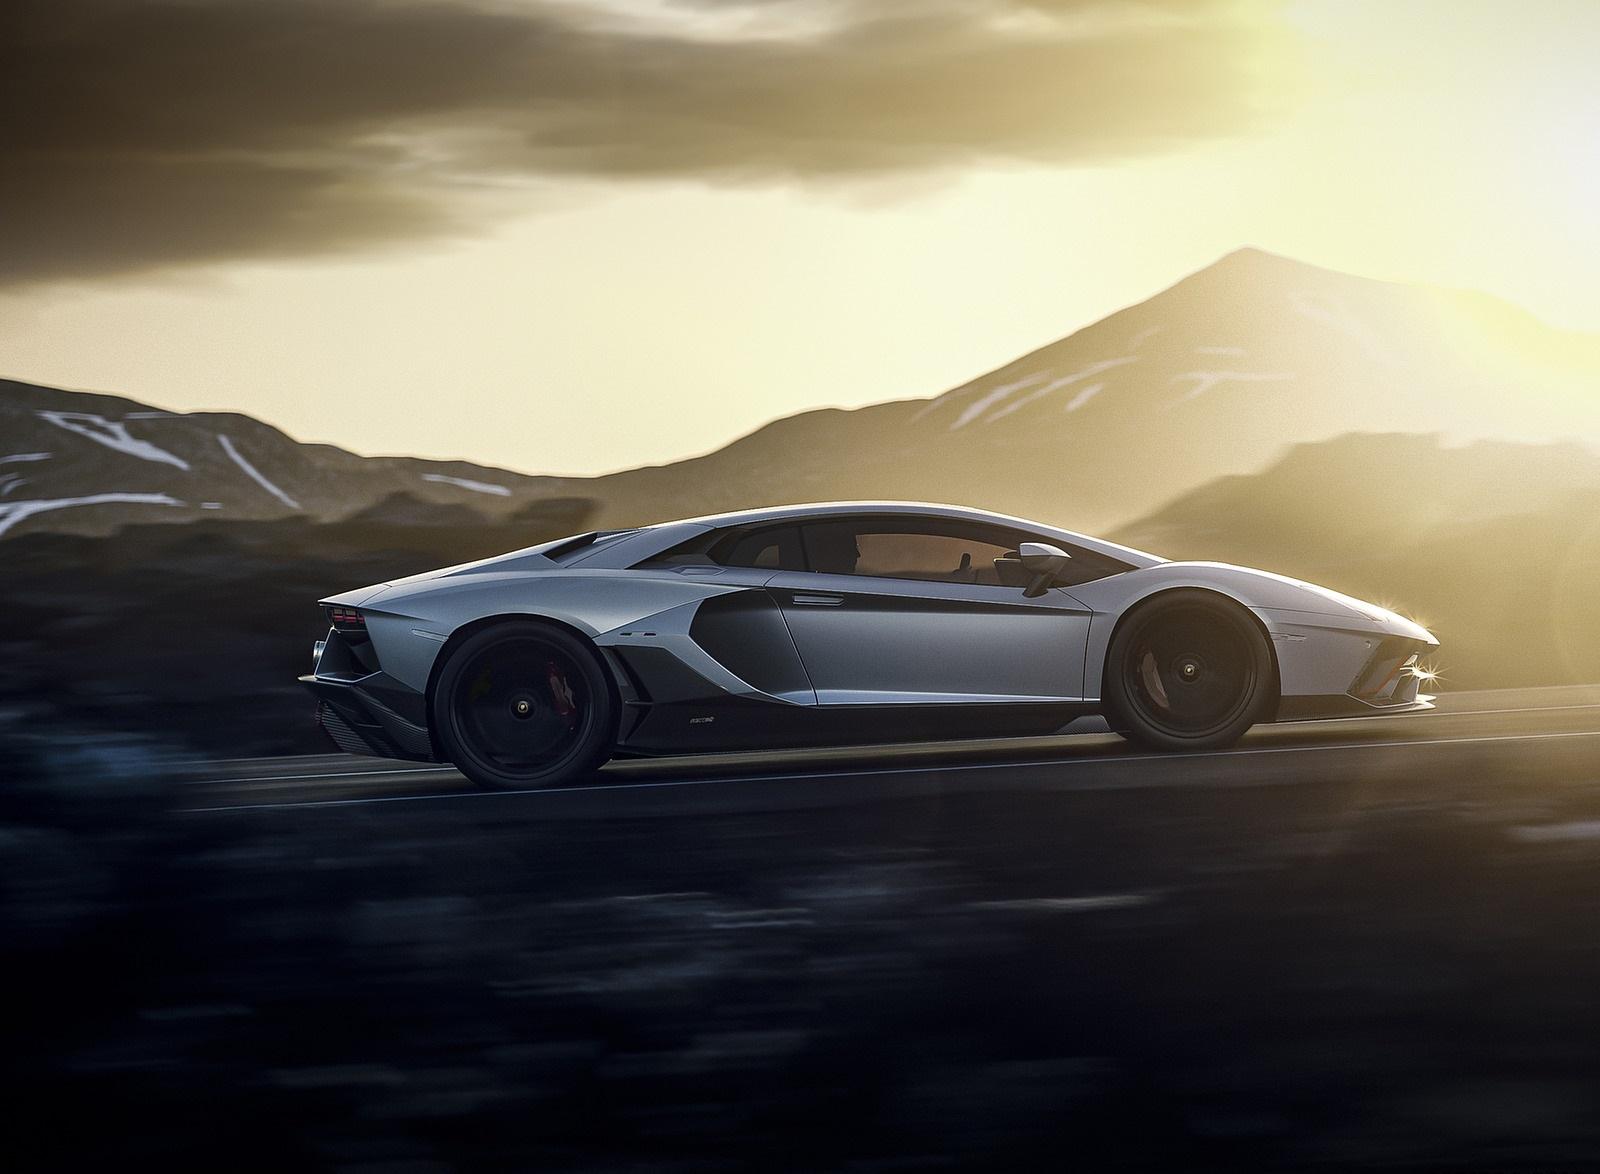 2022 Lamborghini Aventador LP 780-4 Ultimae Side Wallpapers (4)